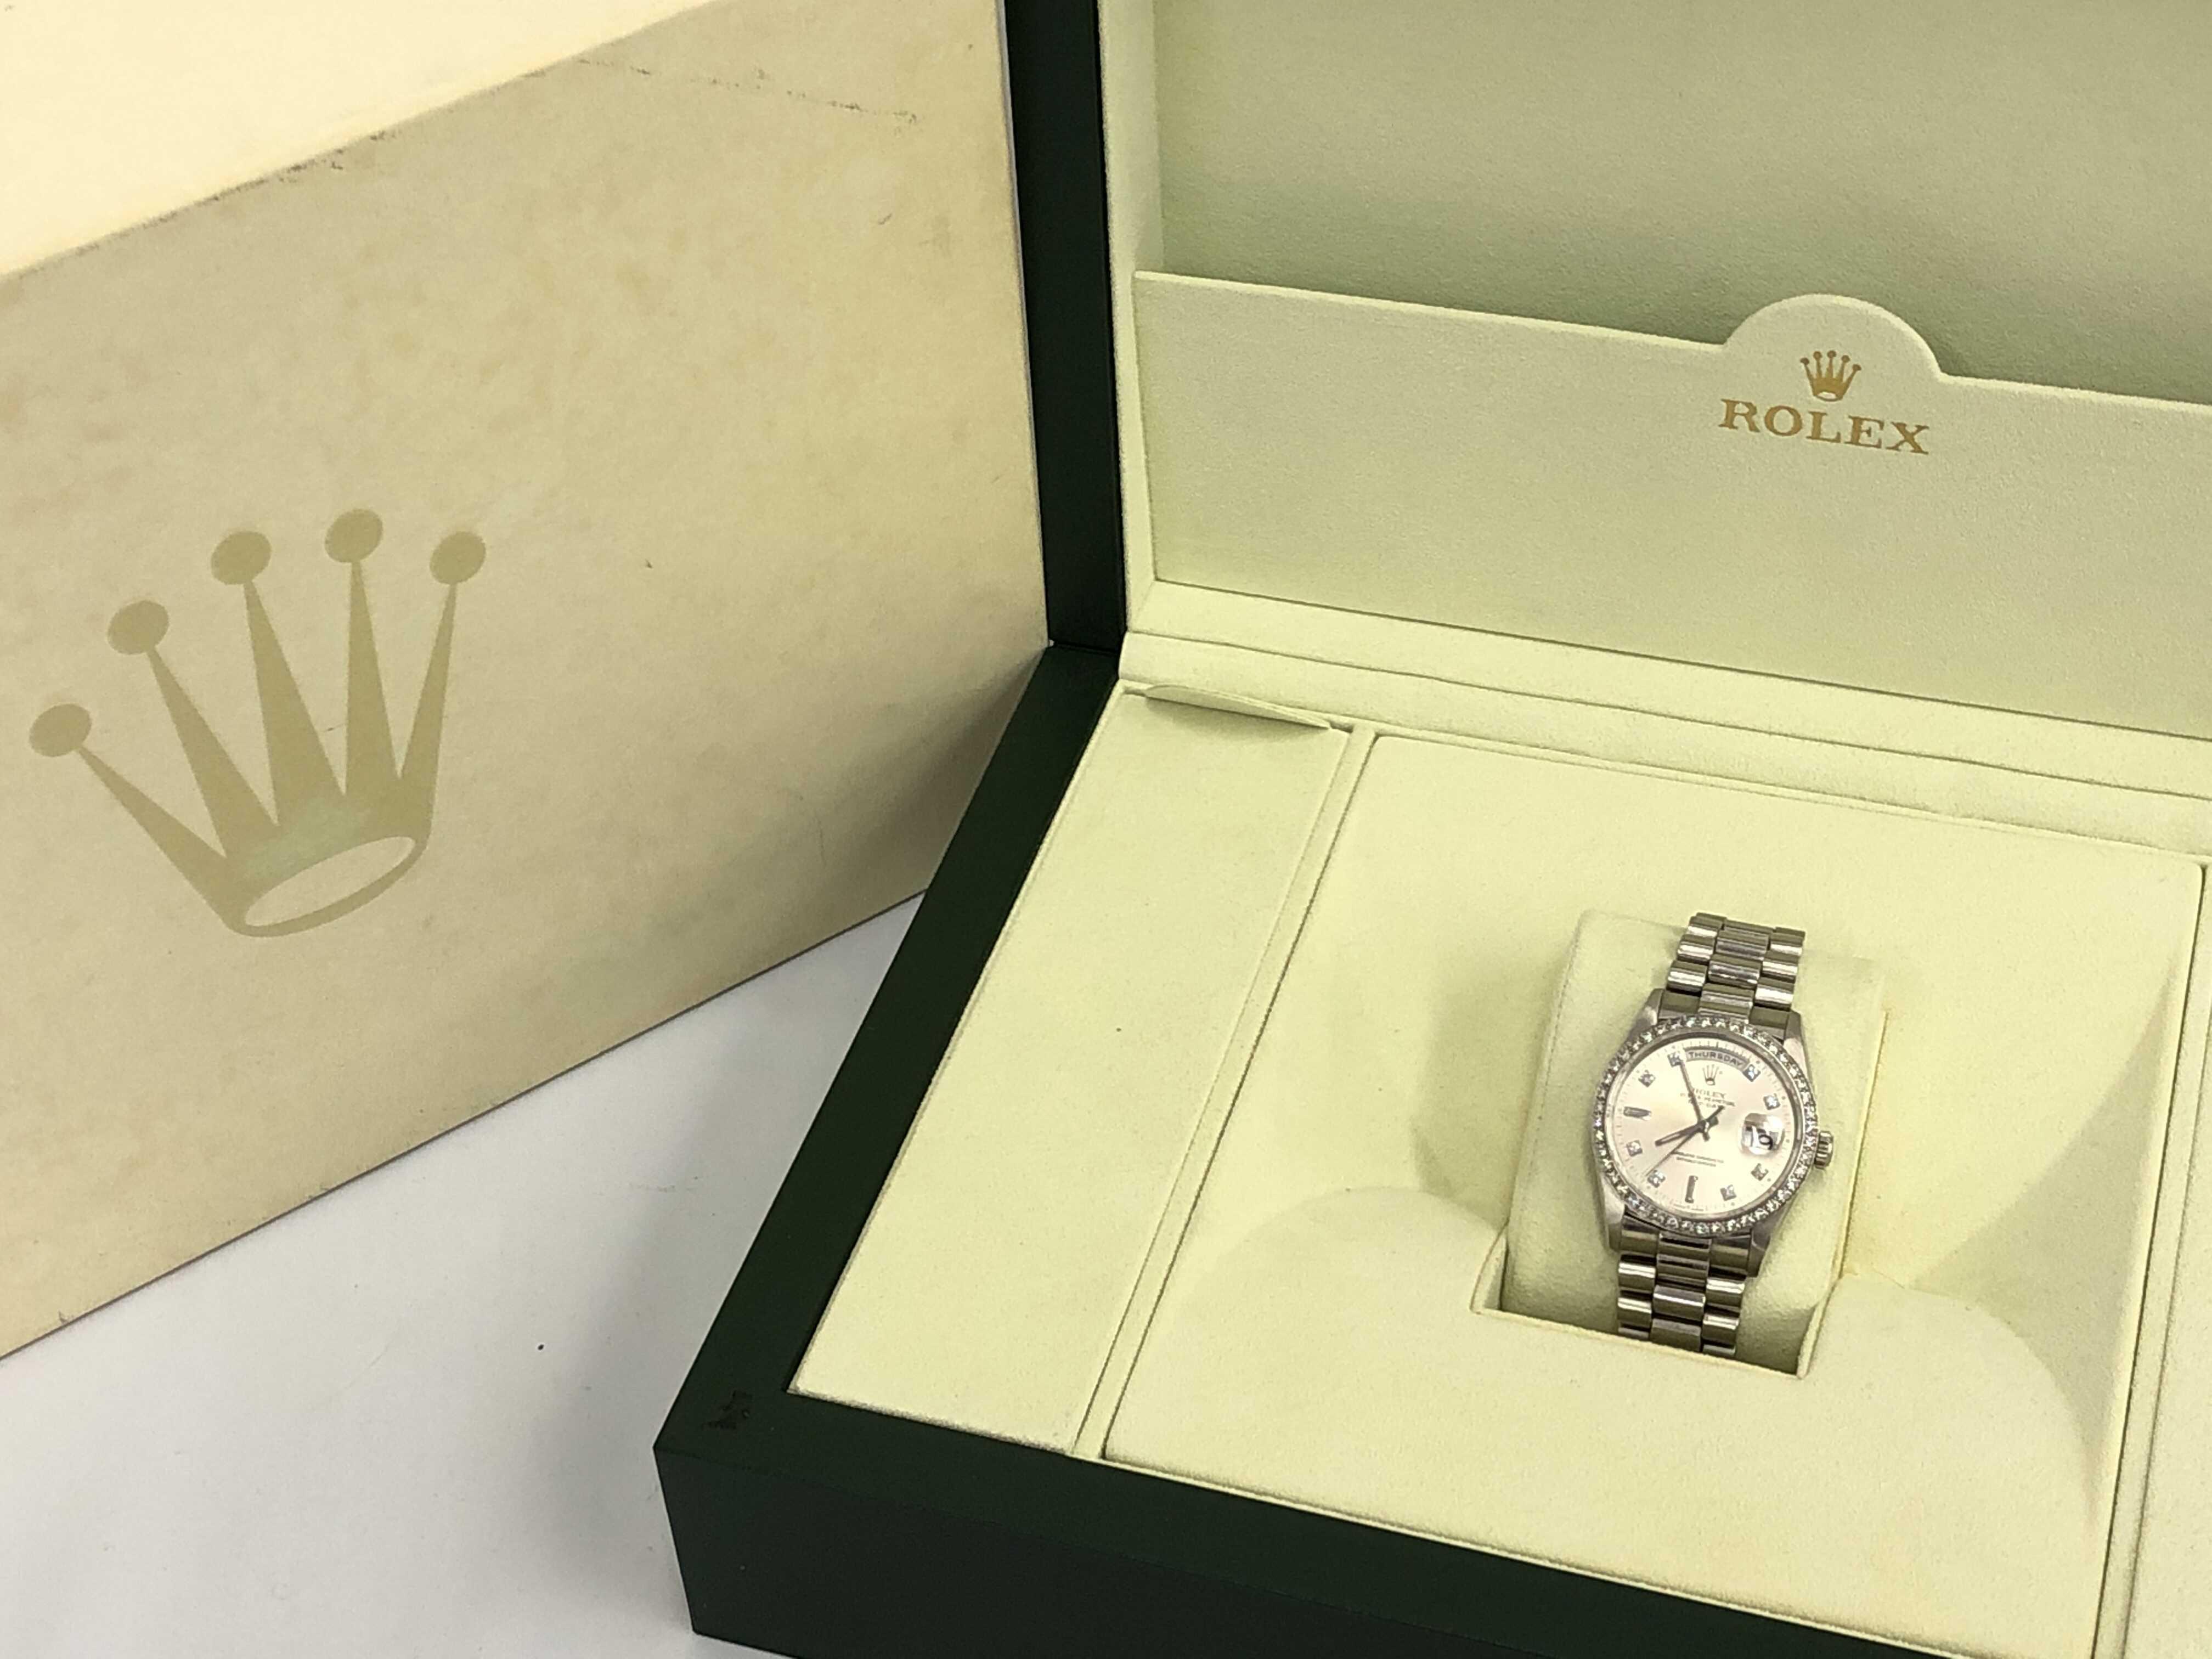 (1935_0165)ロレックス 18346A L931293 Pt950 ボーイズ腕時計